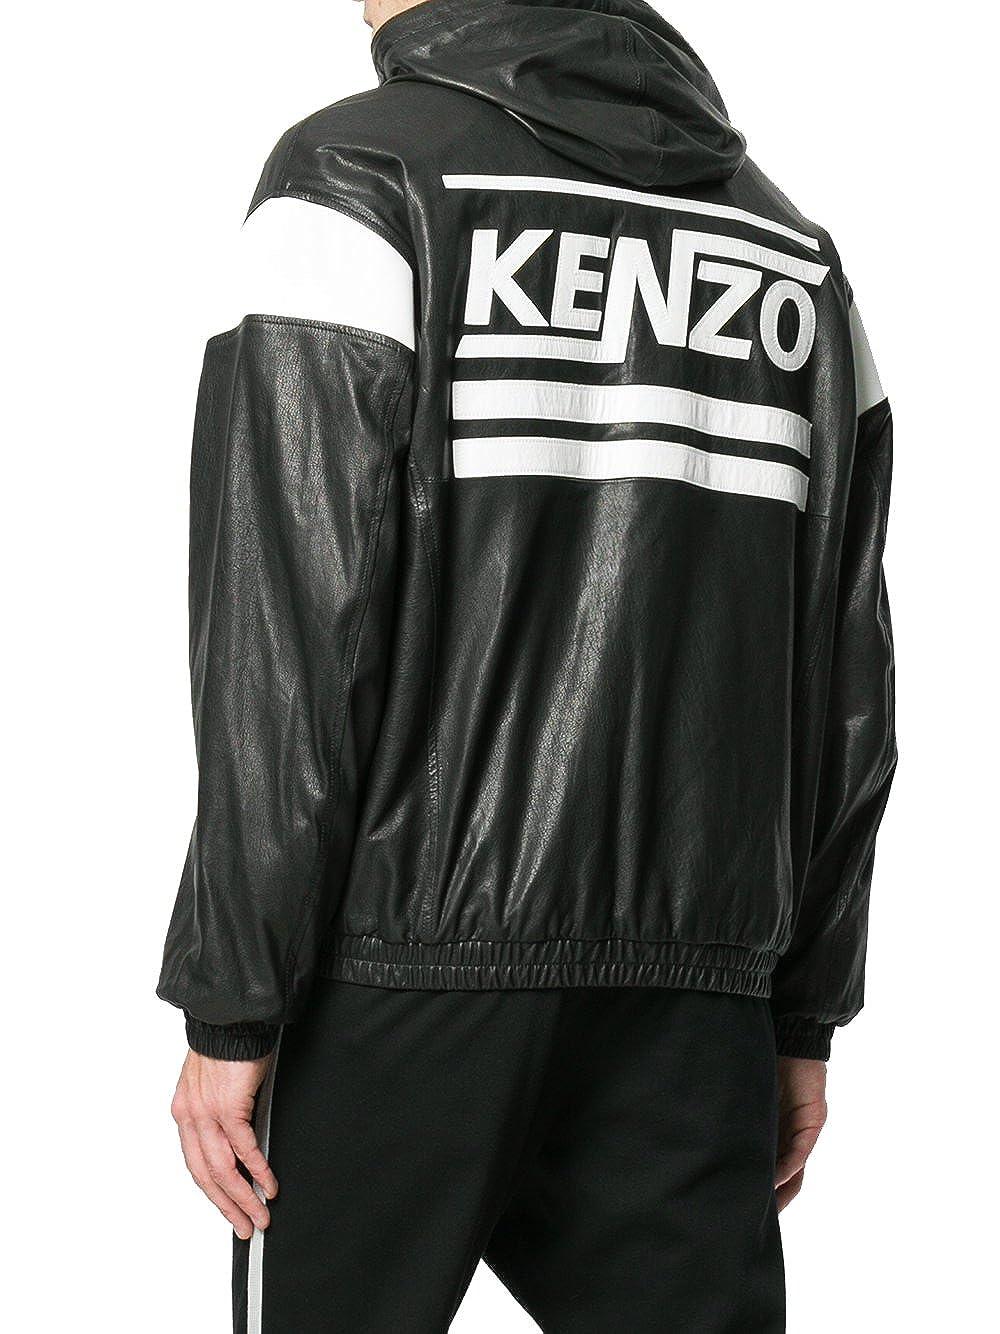 Kenzo - Chaqueta - para hombre blanco/negro Talla de marka M: Amazon.es: Ropa y accesorios